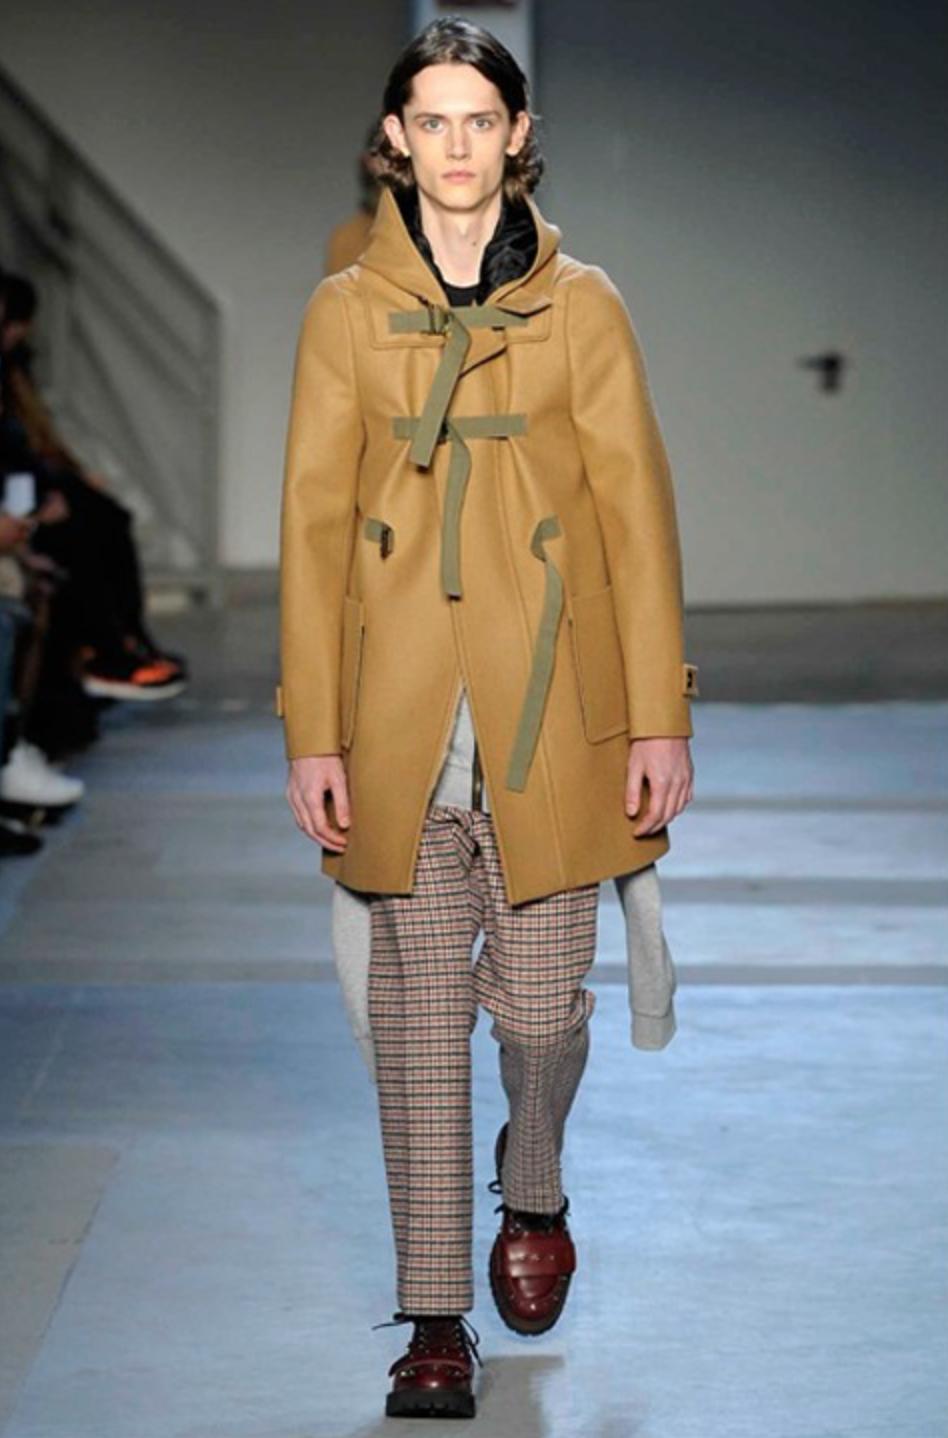 Fashion Week Come Mi Vesto Carla Gozzi Style Coach